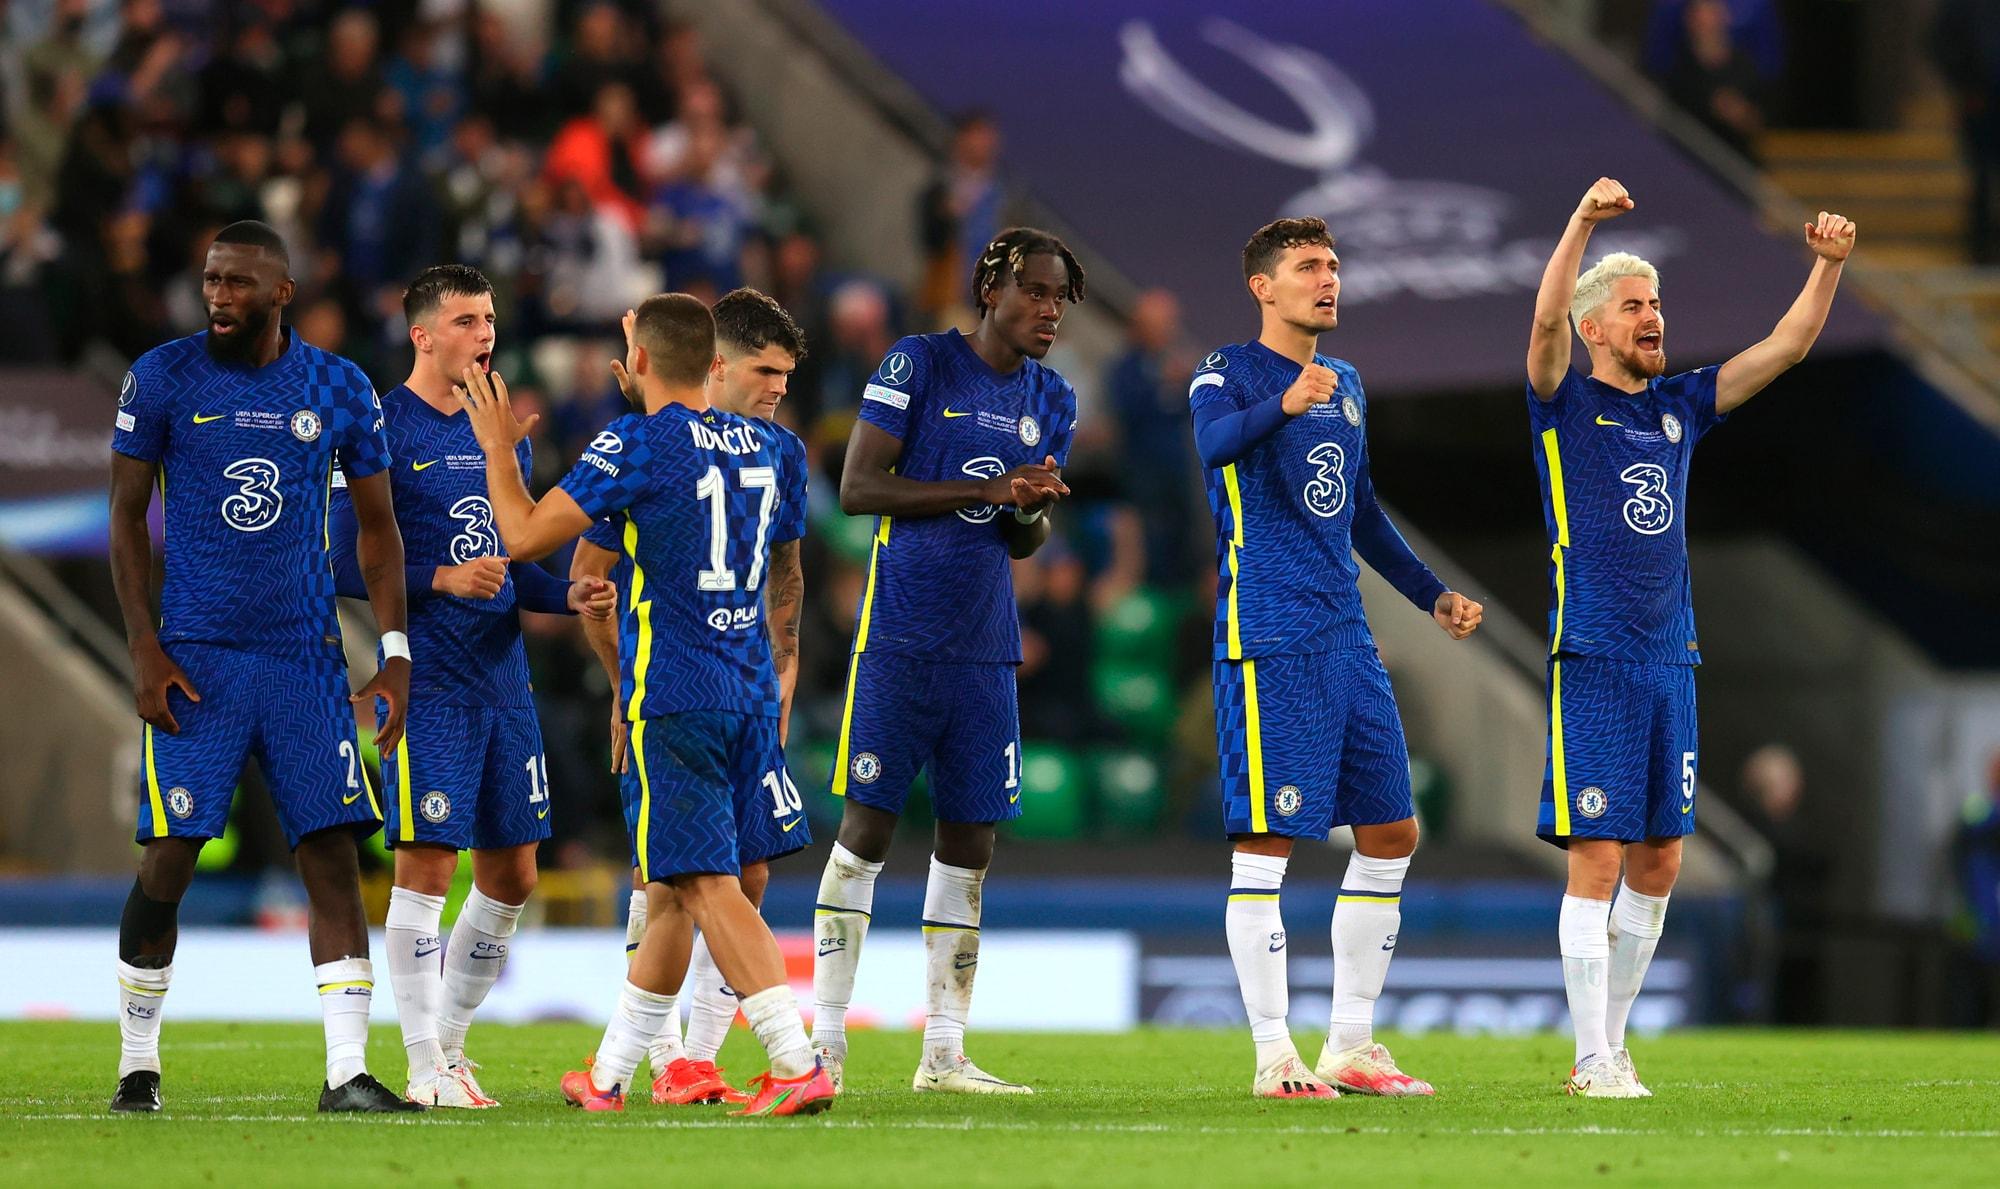 Il Chelsea si prende la Supercoppa Europea: Villarreal sconfitto ai rigori